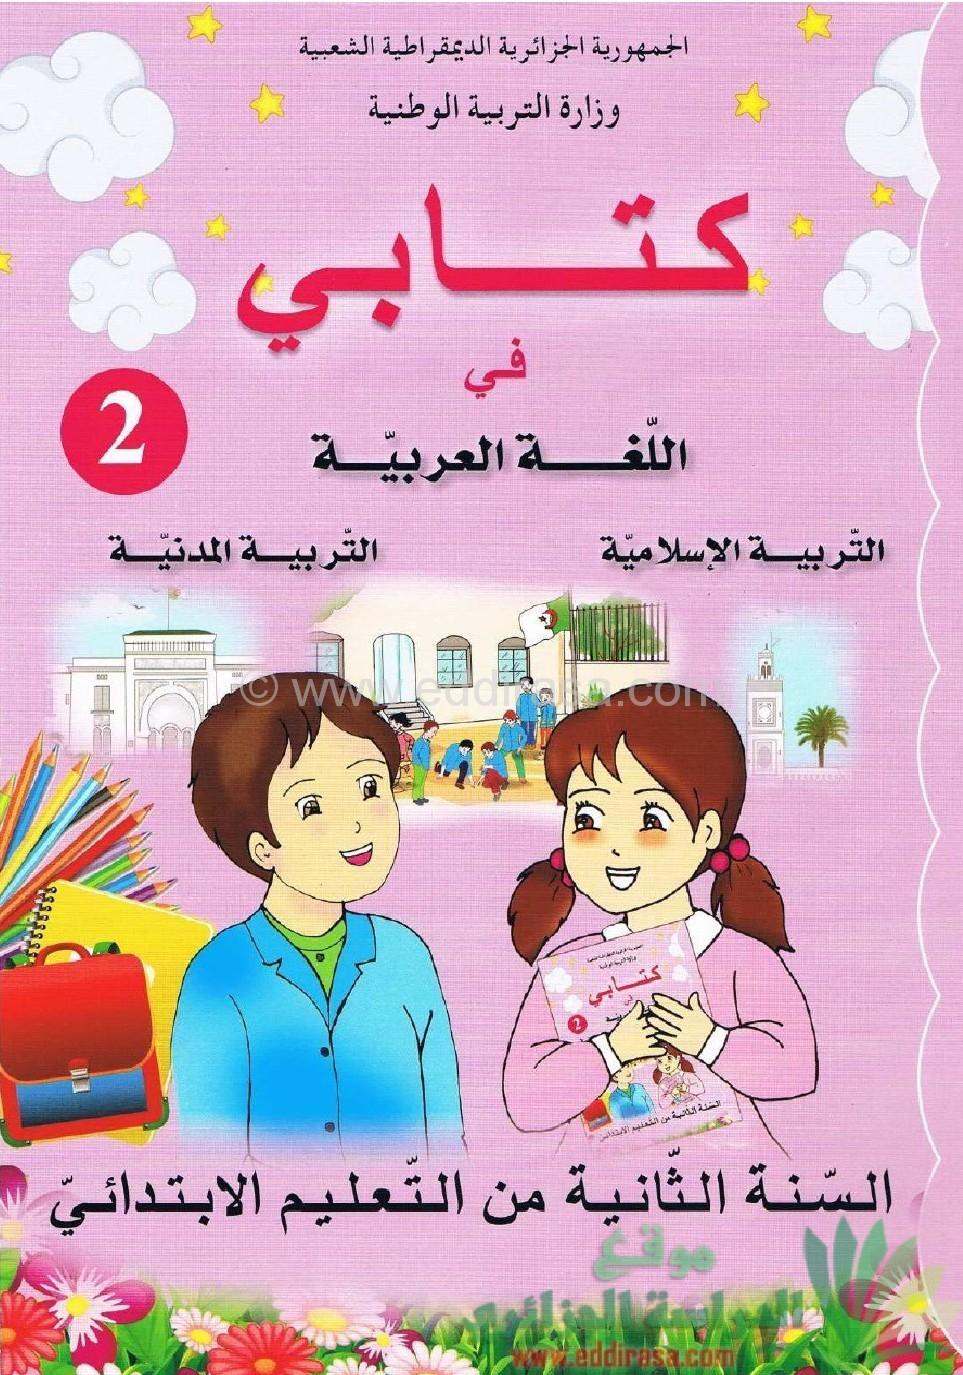 كتاب العلم pdf